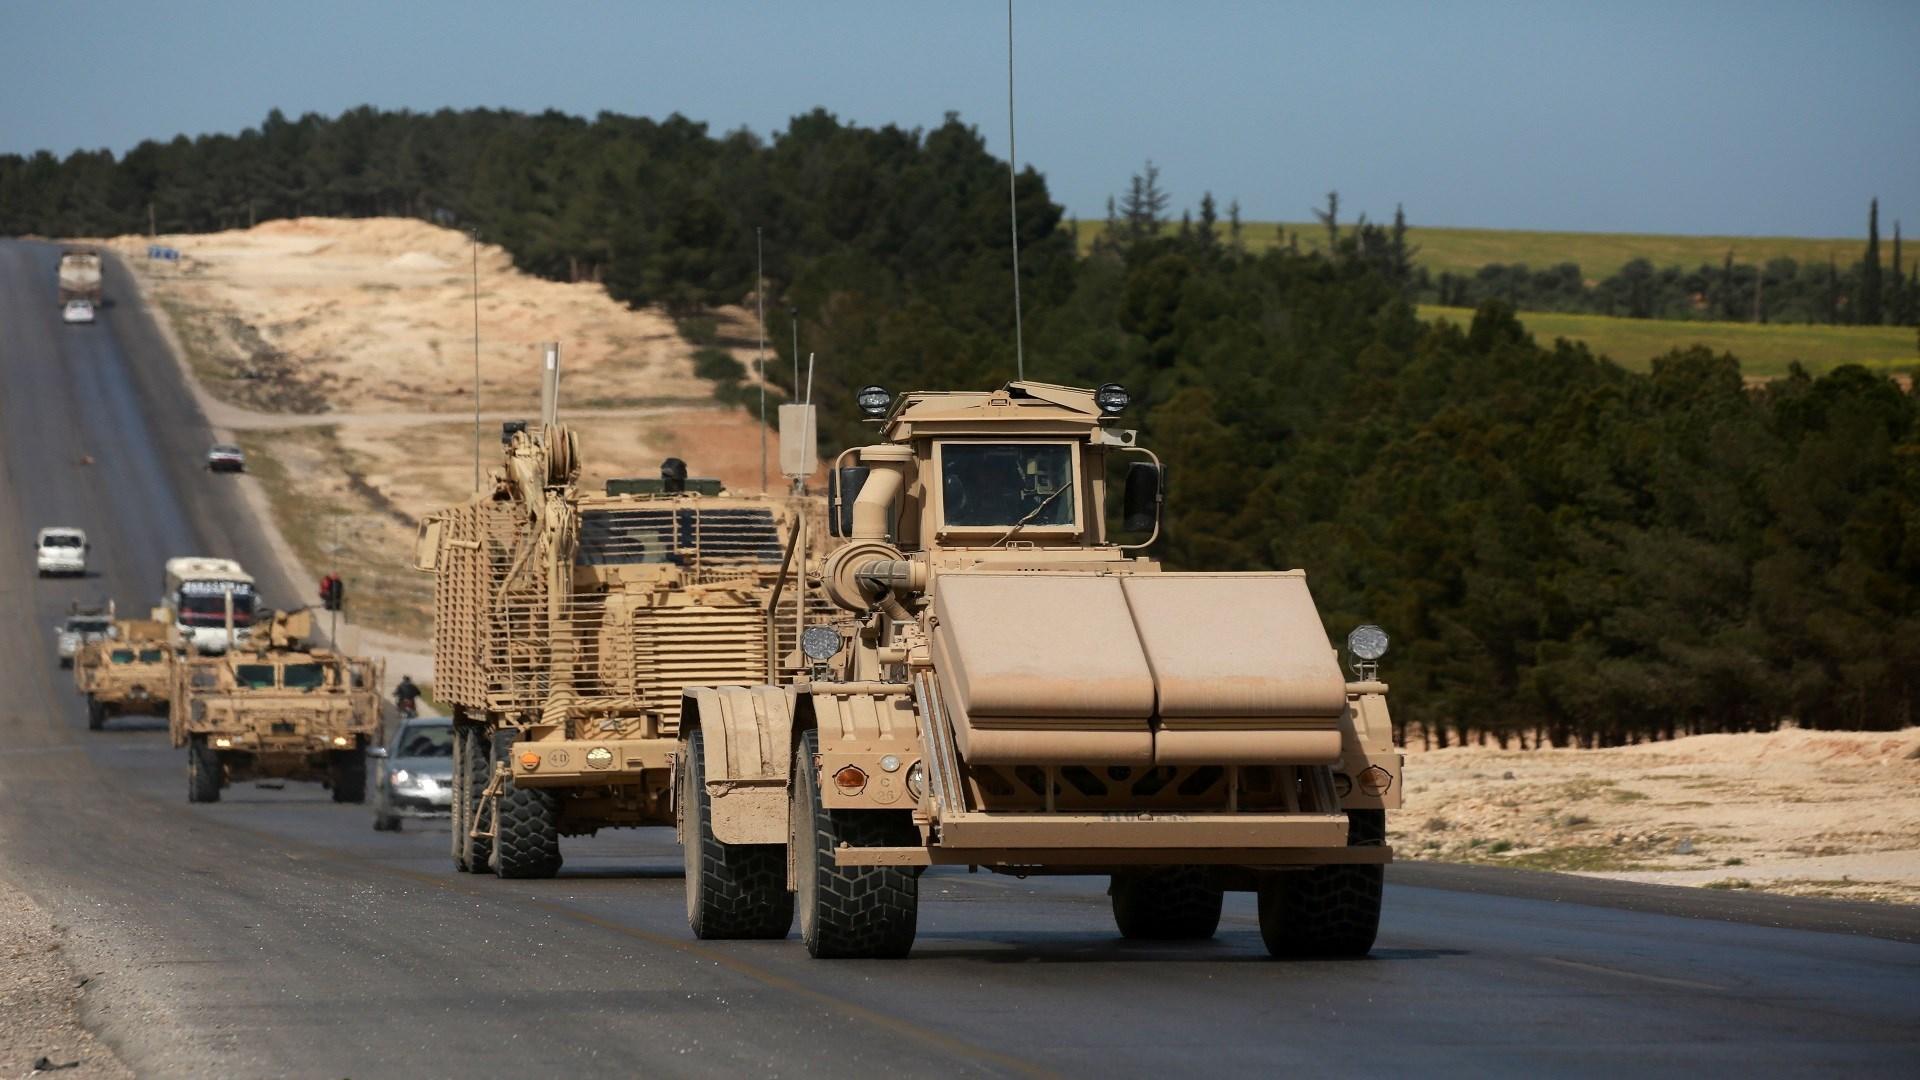 القوات الأميركية تخرج صهاريج محملة بالنفط السوري المسروق من ريف الحسكة (أرشيف)